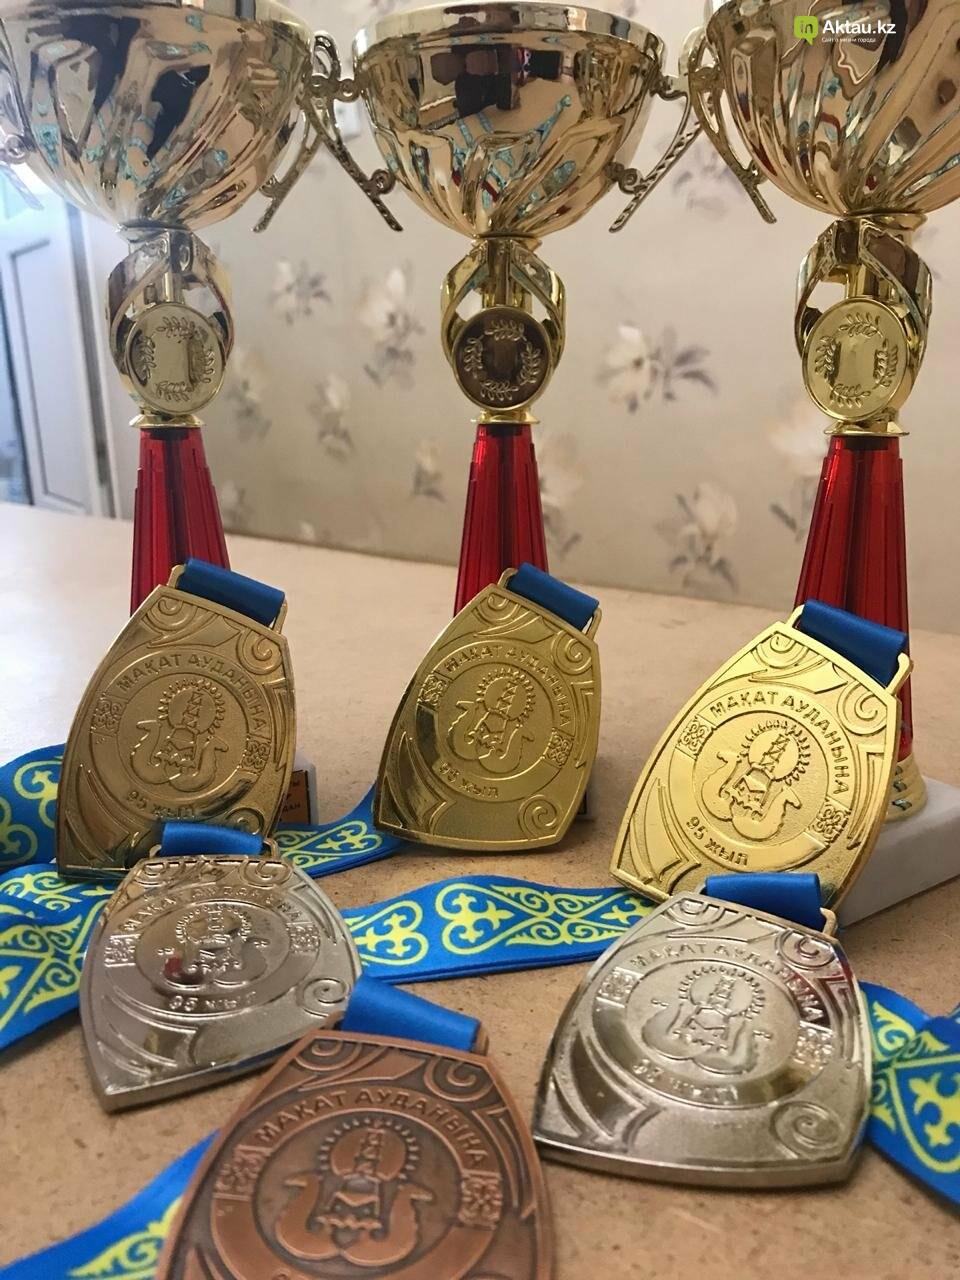 Золотые медали завоевали мангистауские штангисты в Атырауской области, фото-1